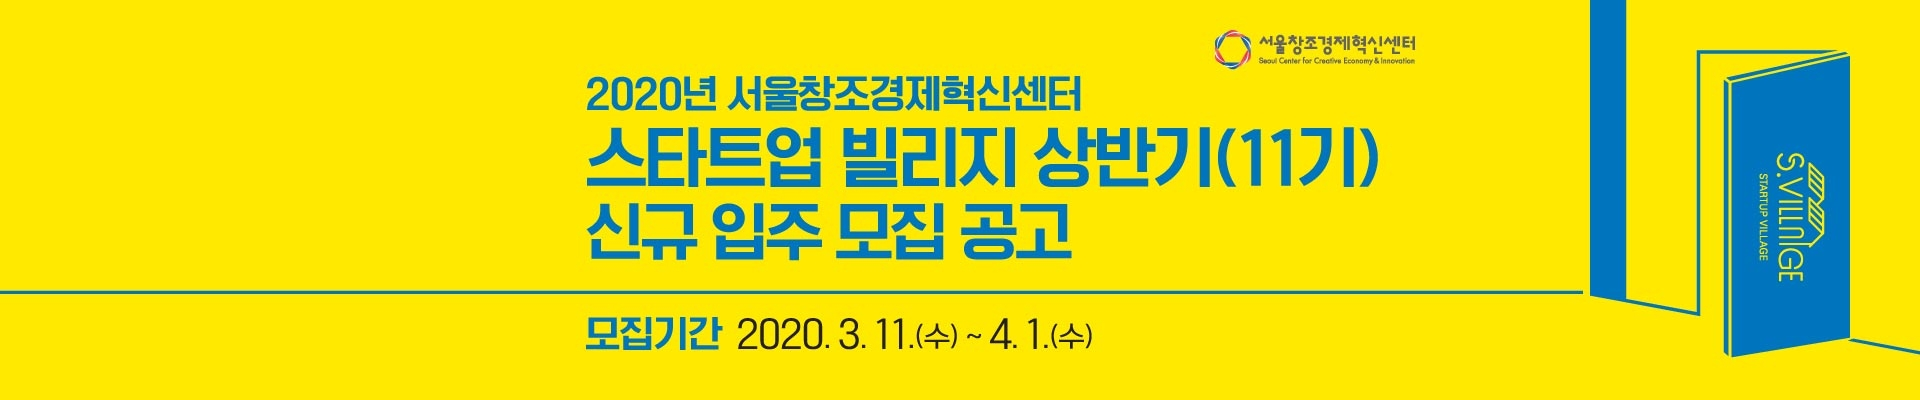 이벤터스_서울창조경제혁신센터에서 2020 스타트업 빌리지 상반기(11기) 신규 입주자를 모집합니다. 창의적인 아이디어를 기반으로 한 창업 기업을 발굴해 스타트업 빌리지 내 사무 공간 제공, 정부지원사업 연계 서비스, 지원 프로그램을 제공합니다.